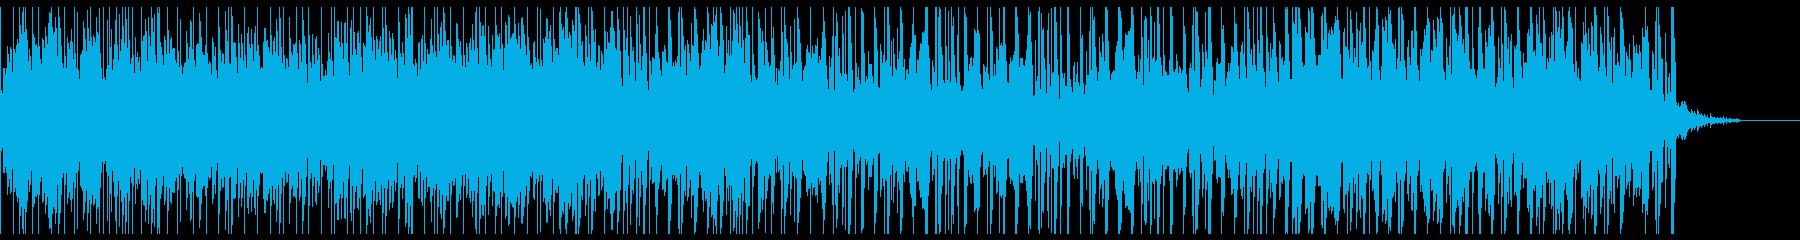 催眠プロダクショントラックは、リズ...の再生済みの波形